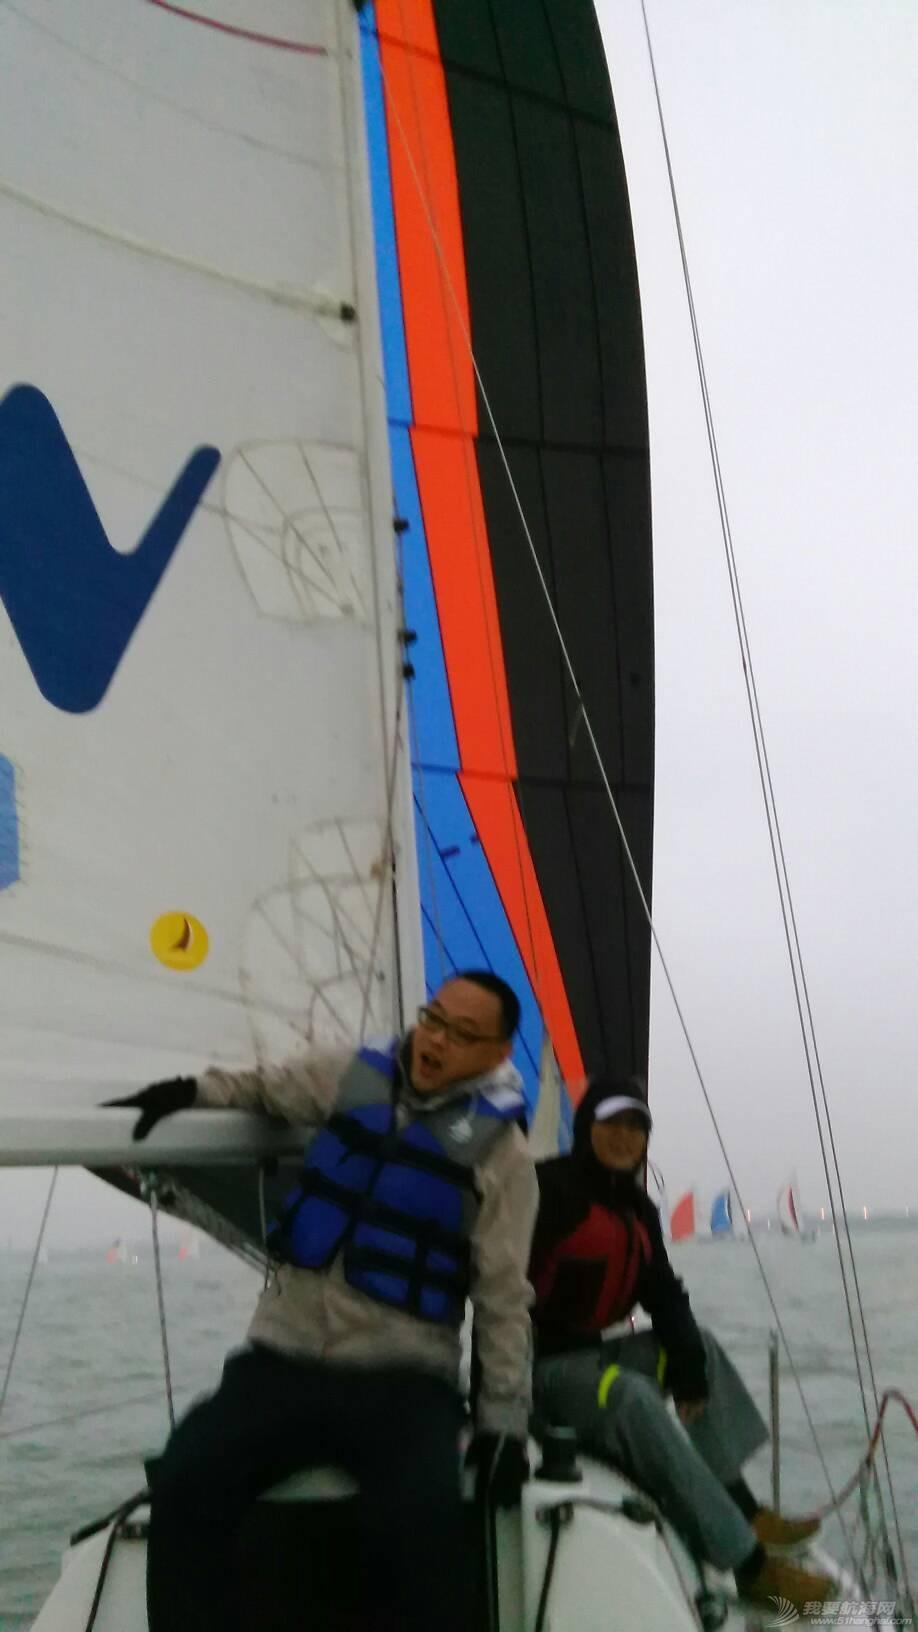 船长练成记一一2015城际杯金鸡湖帆船赛参赛记实 154623nvvhd1wvvst155sh.jpg